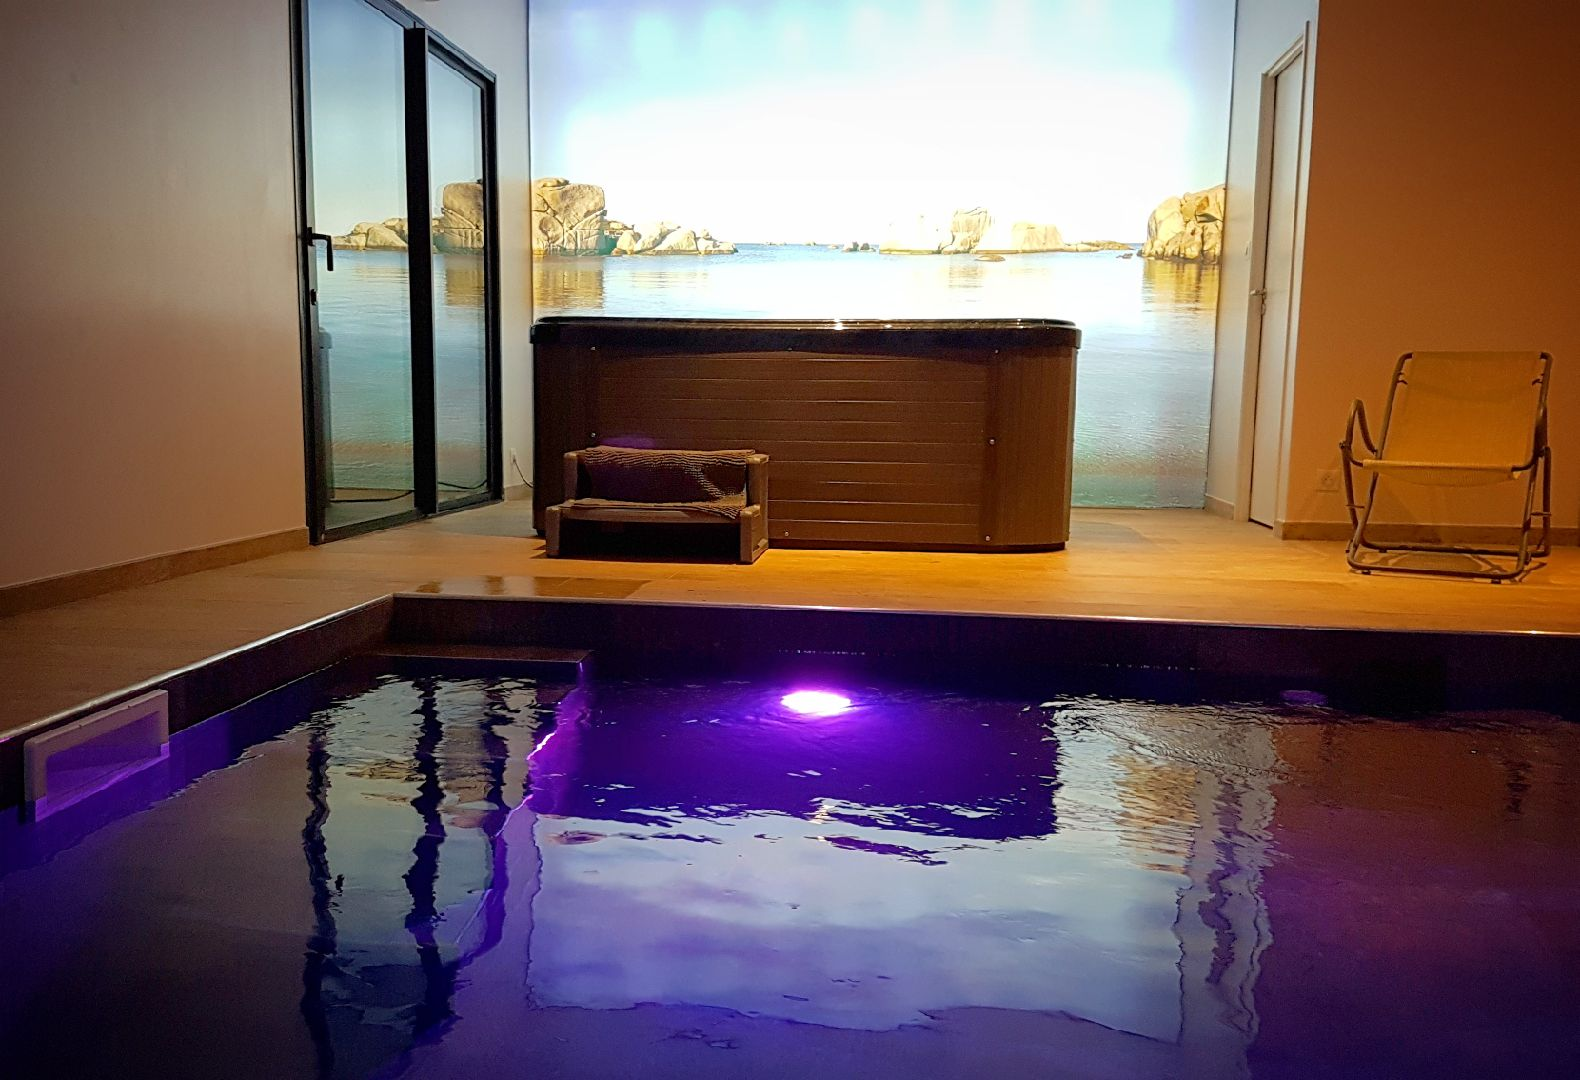 Suite avec piscine int rieure chauff e et jacuzzi privatif for Suite avec piscine